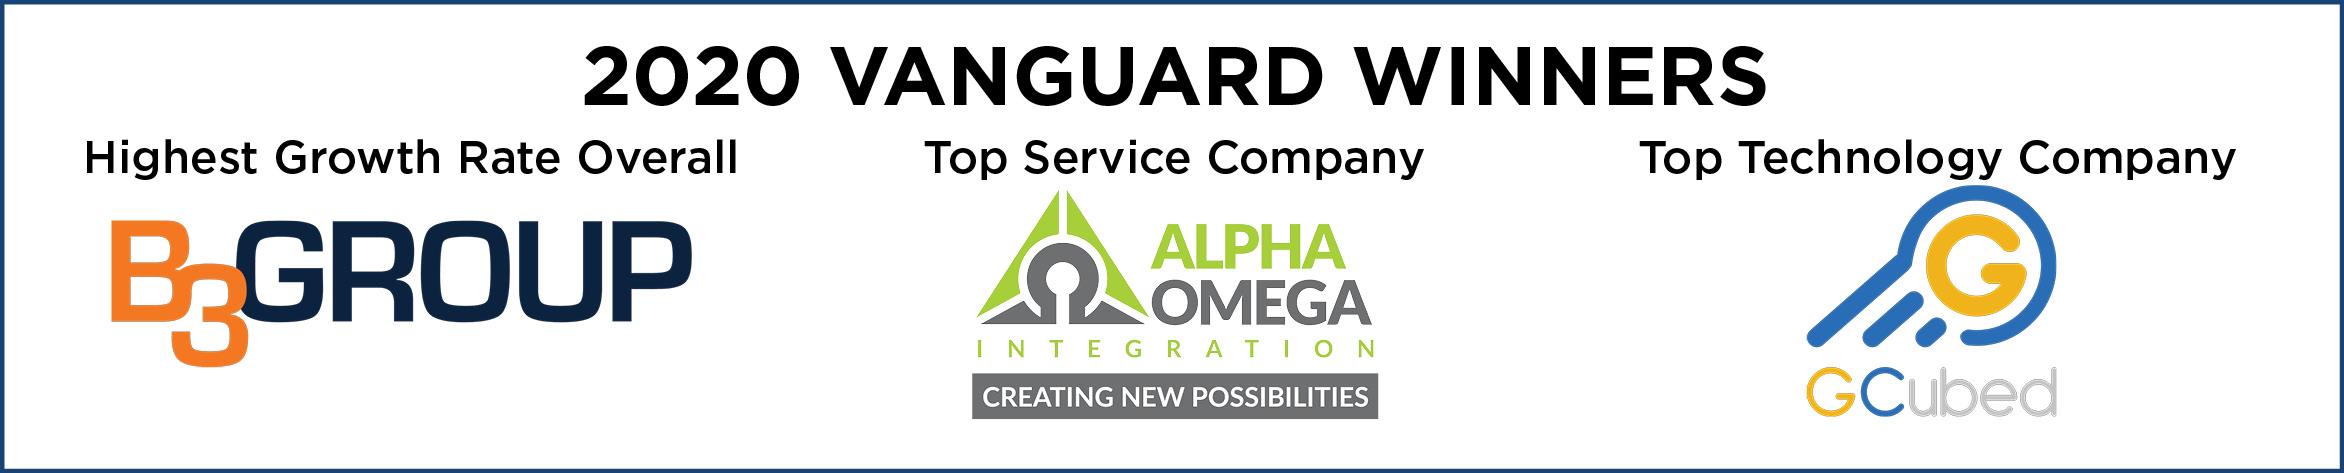 Vanguard Winners Website JPG